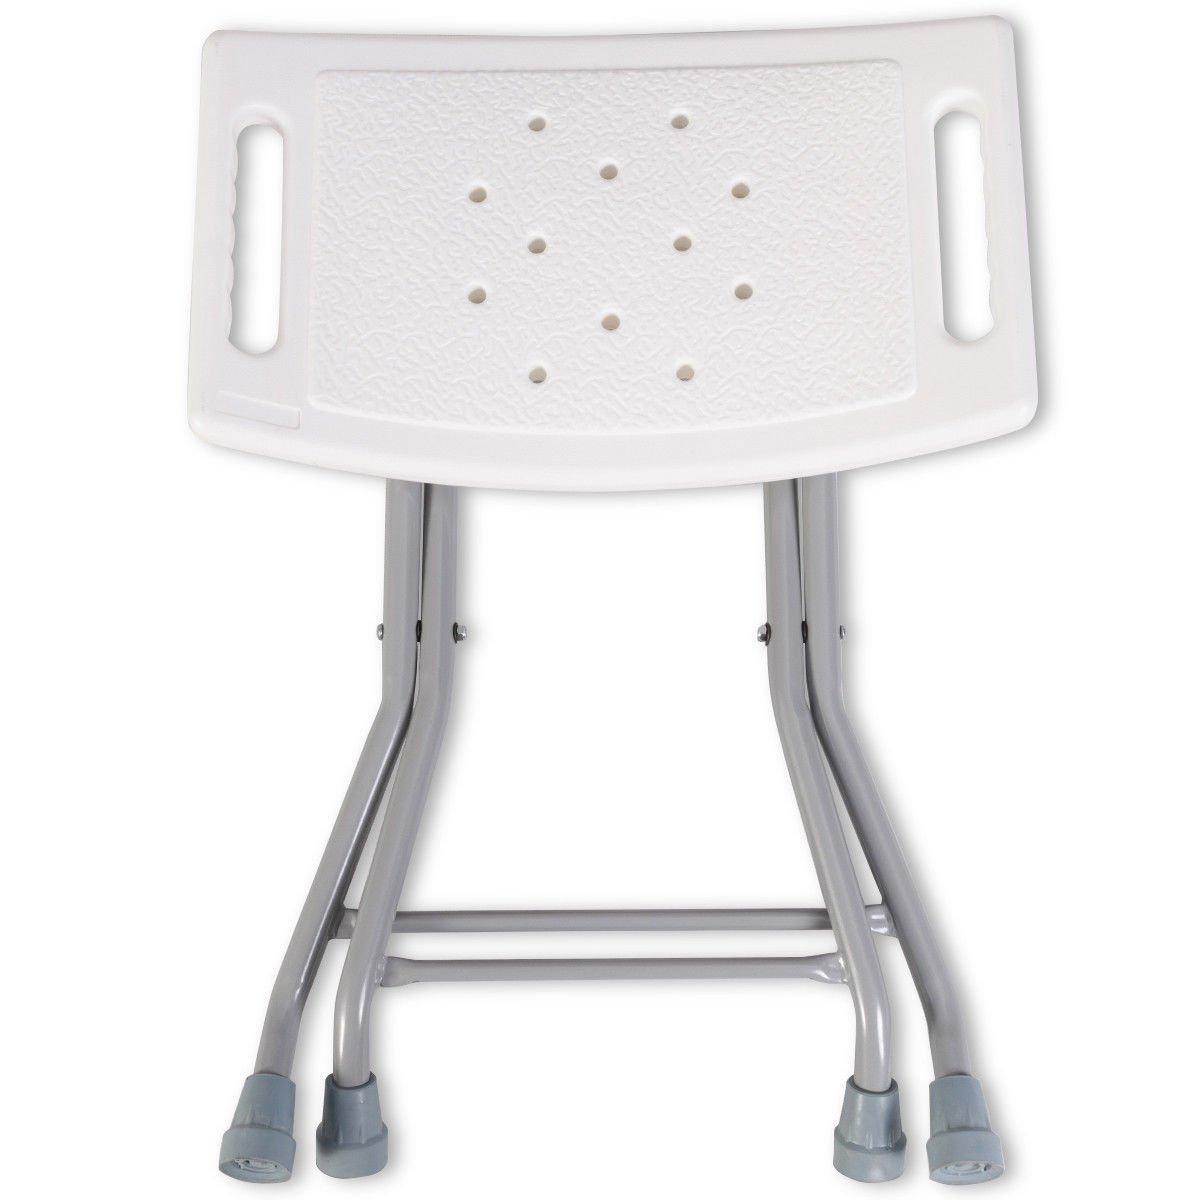 Amazon.com: Silla de ducha plegable y portátil con marco de ...